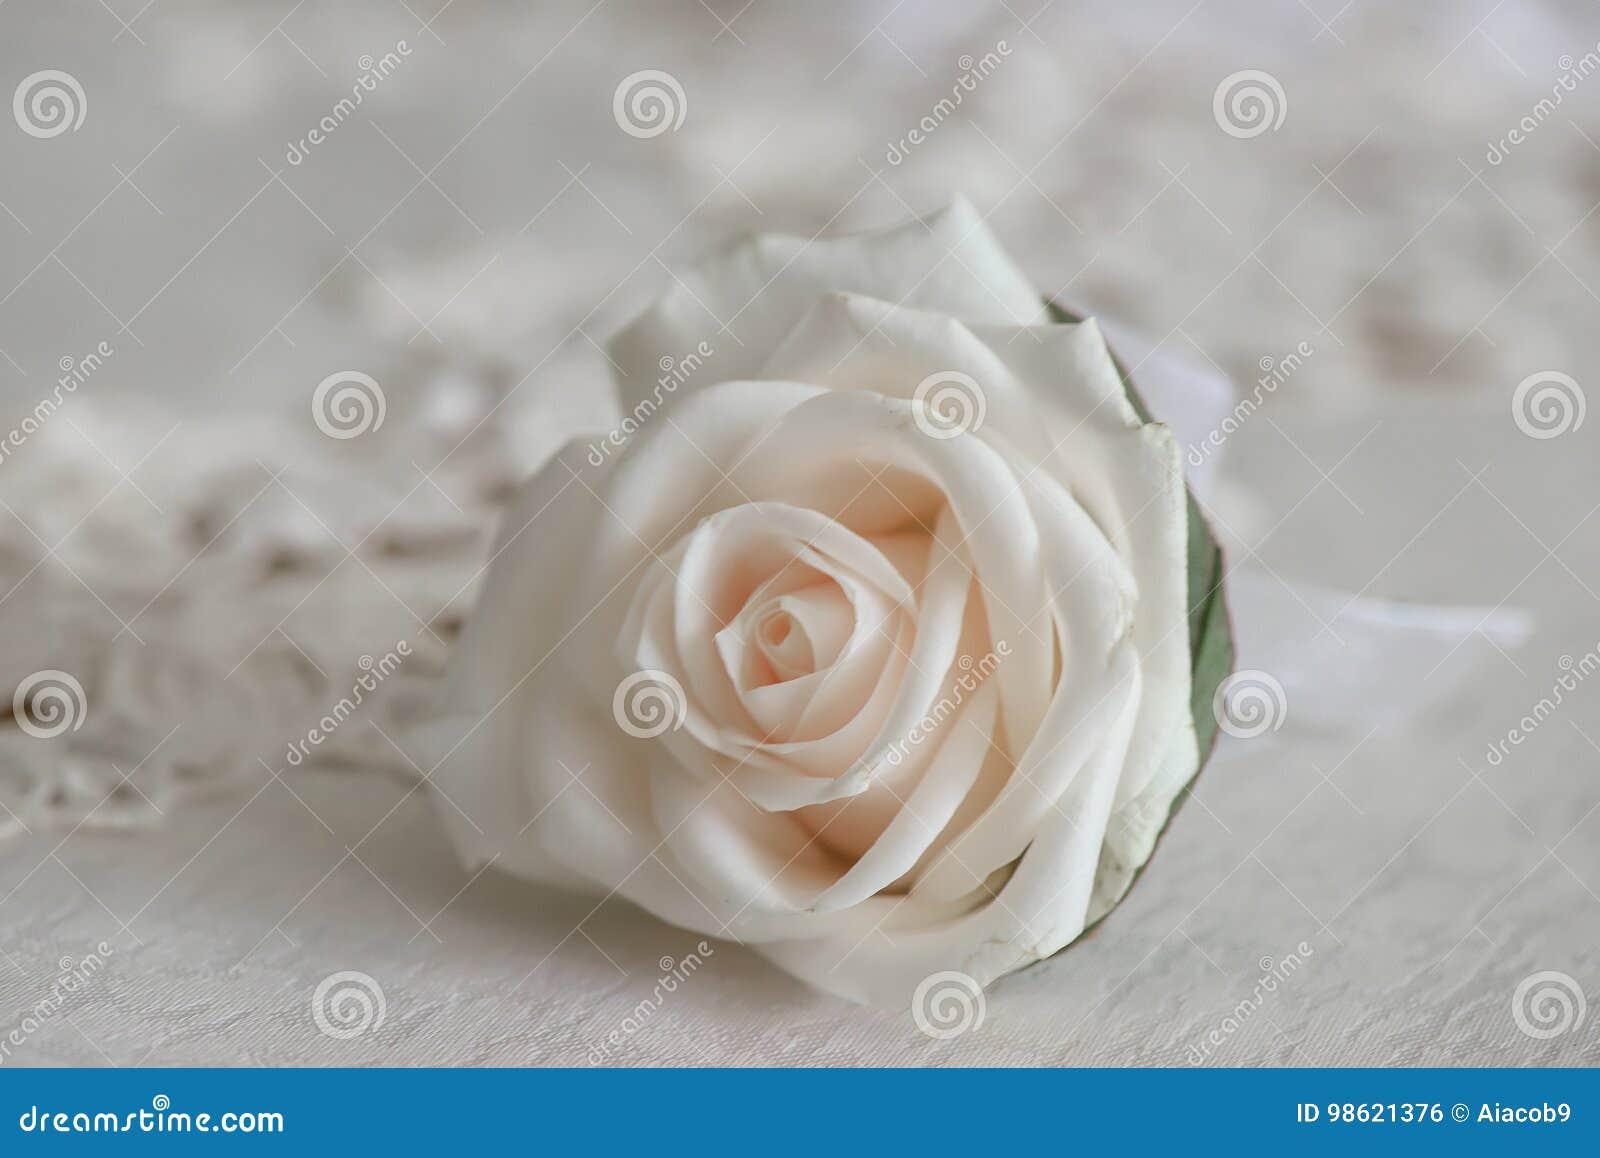 Rosa Fresca Del Blanco Pequeño Ramo Para El Ojal Del Traje